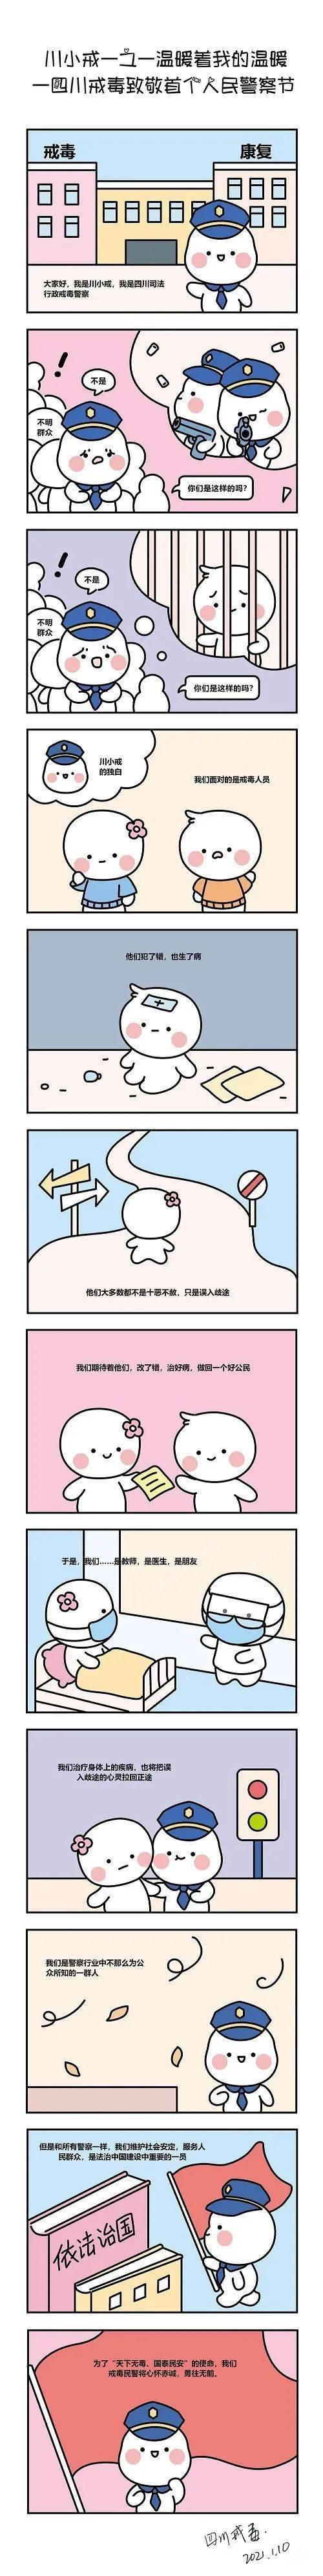 """献礼警察节!一组温暖的小漫画,带你认识""""戒毒警察""""  四川戒毒  今天"""